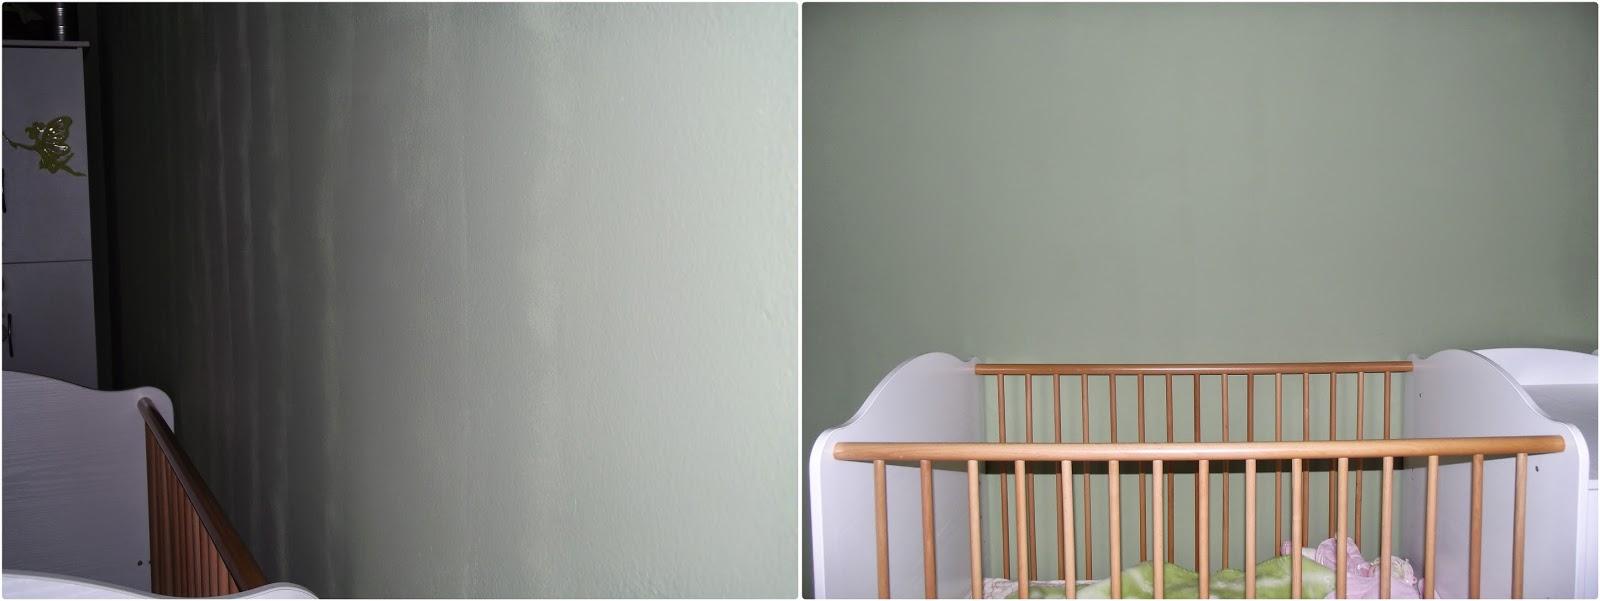 Festés után csíkos a fal